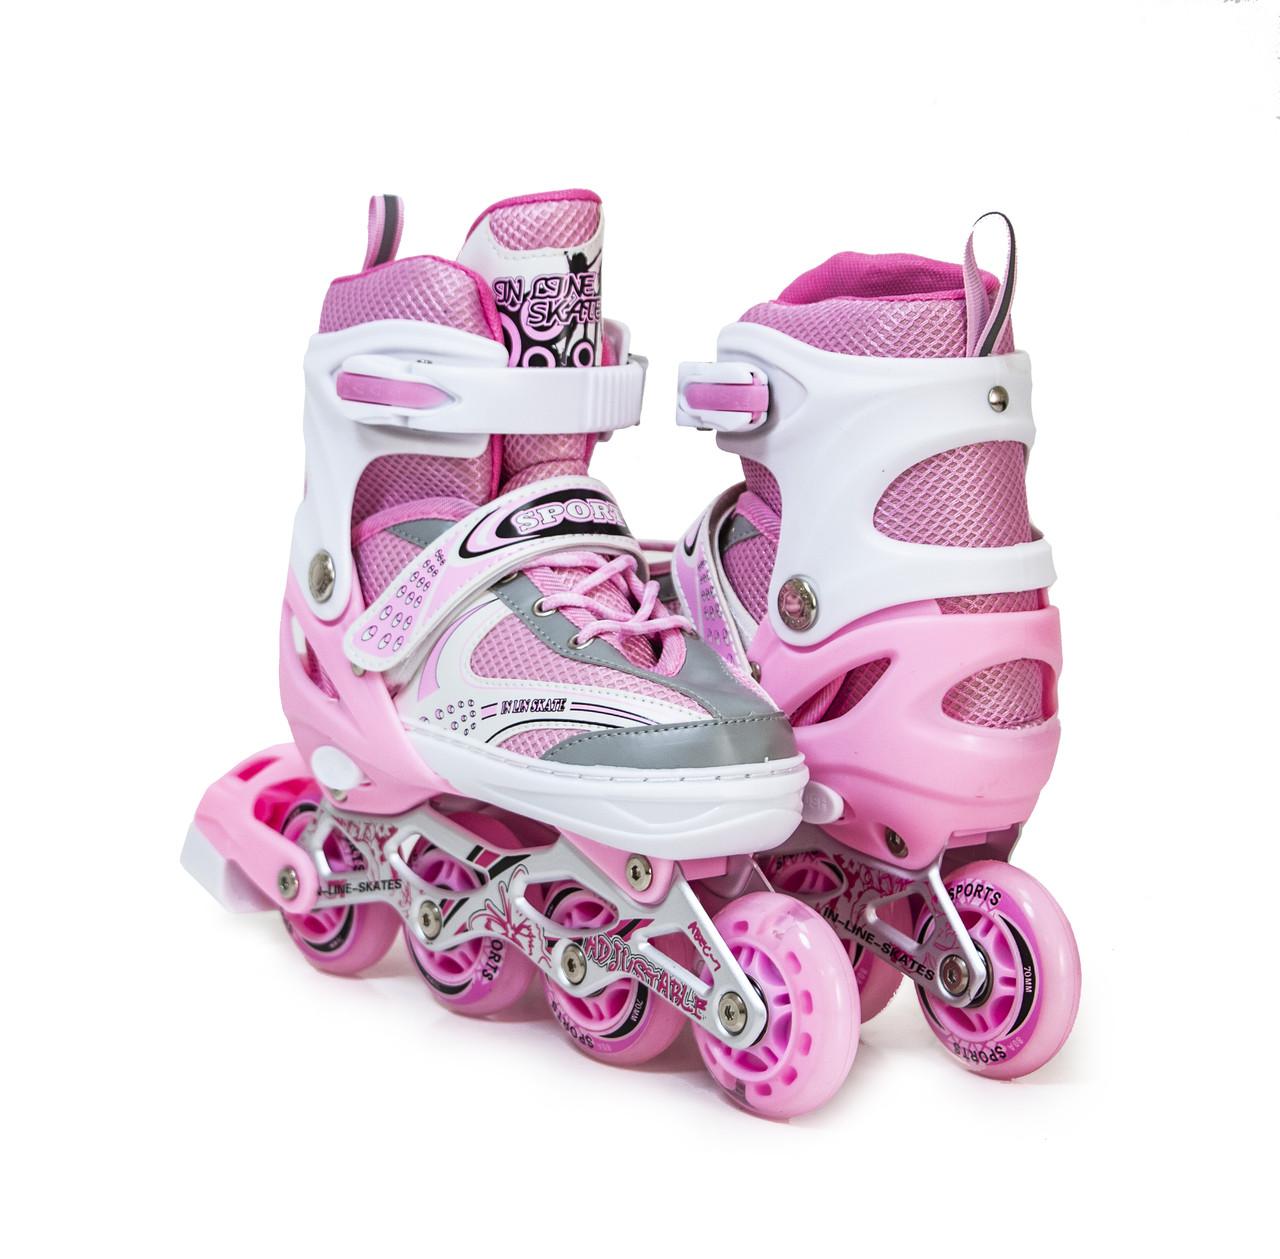 Детские и взрослые ролики Happy, пастельно розовый цвет, размер 38-42